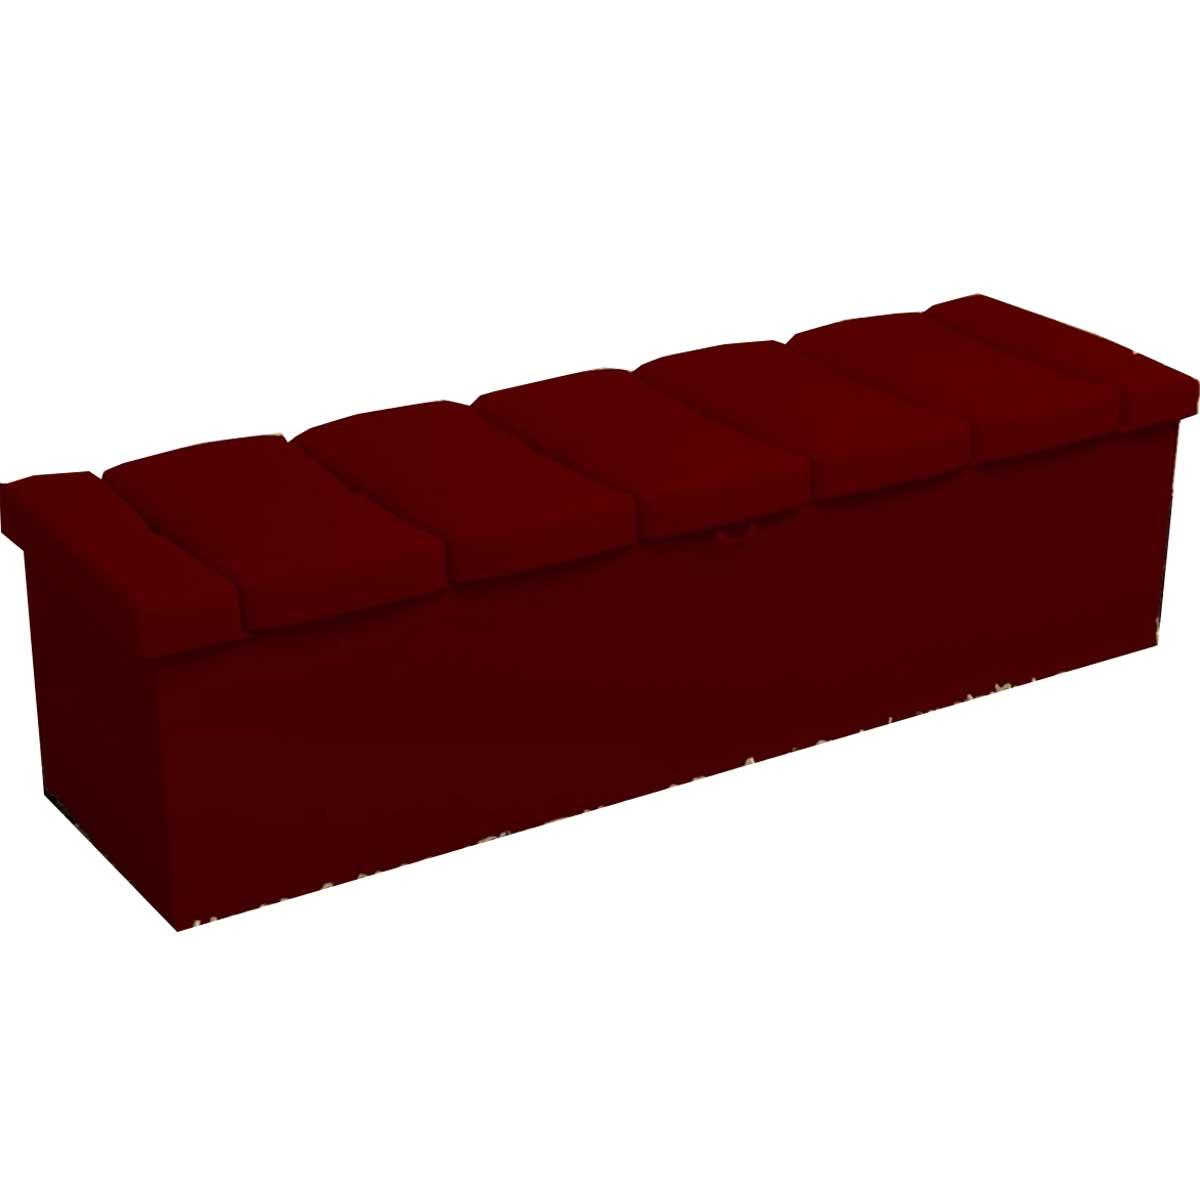 Calçadeira com Baú Estofada Kiara 160 cm Suede Vermelho